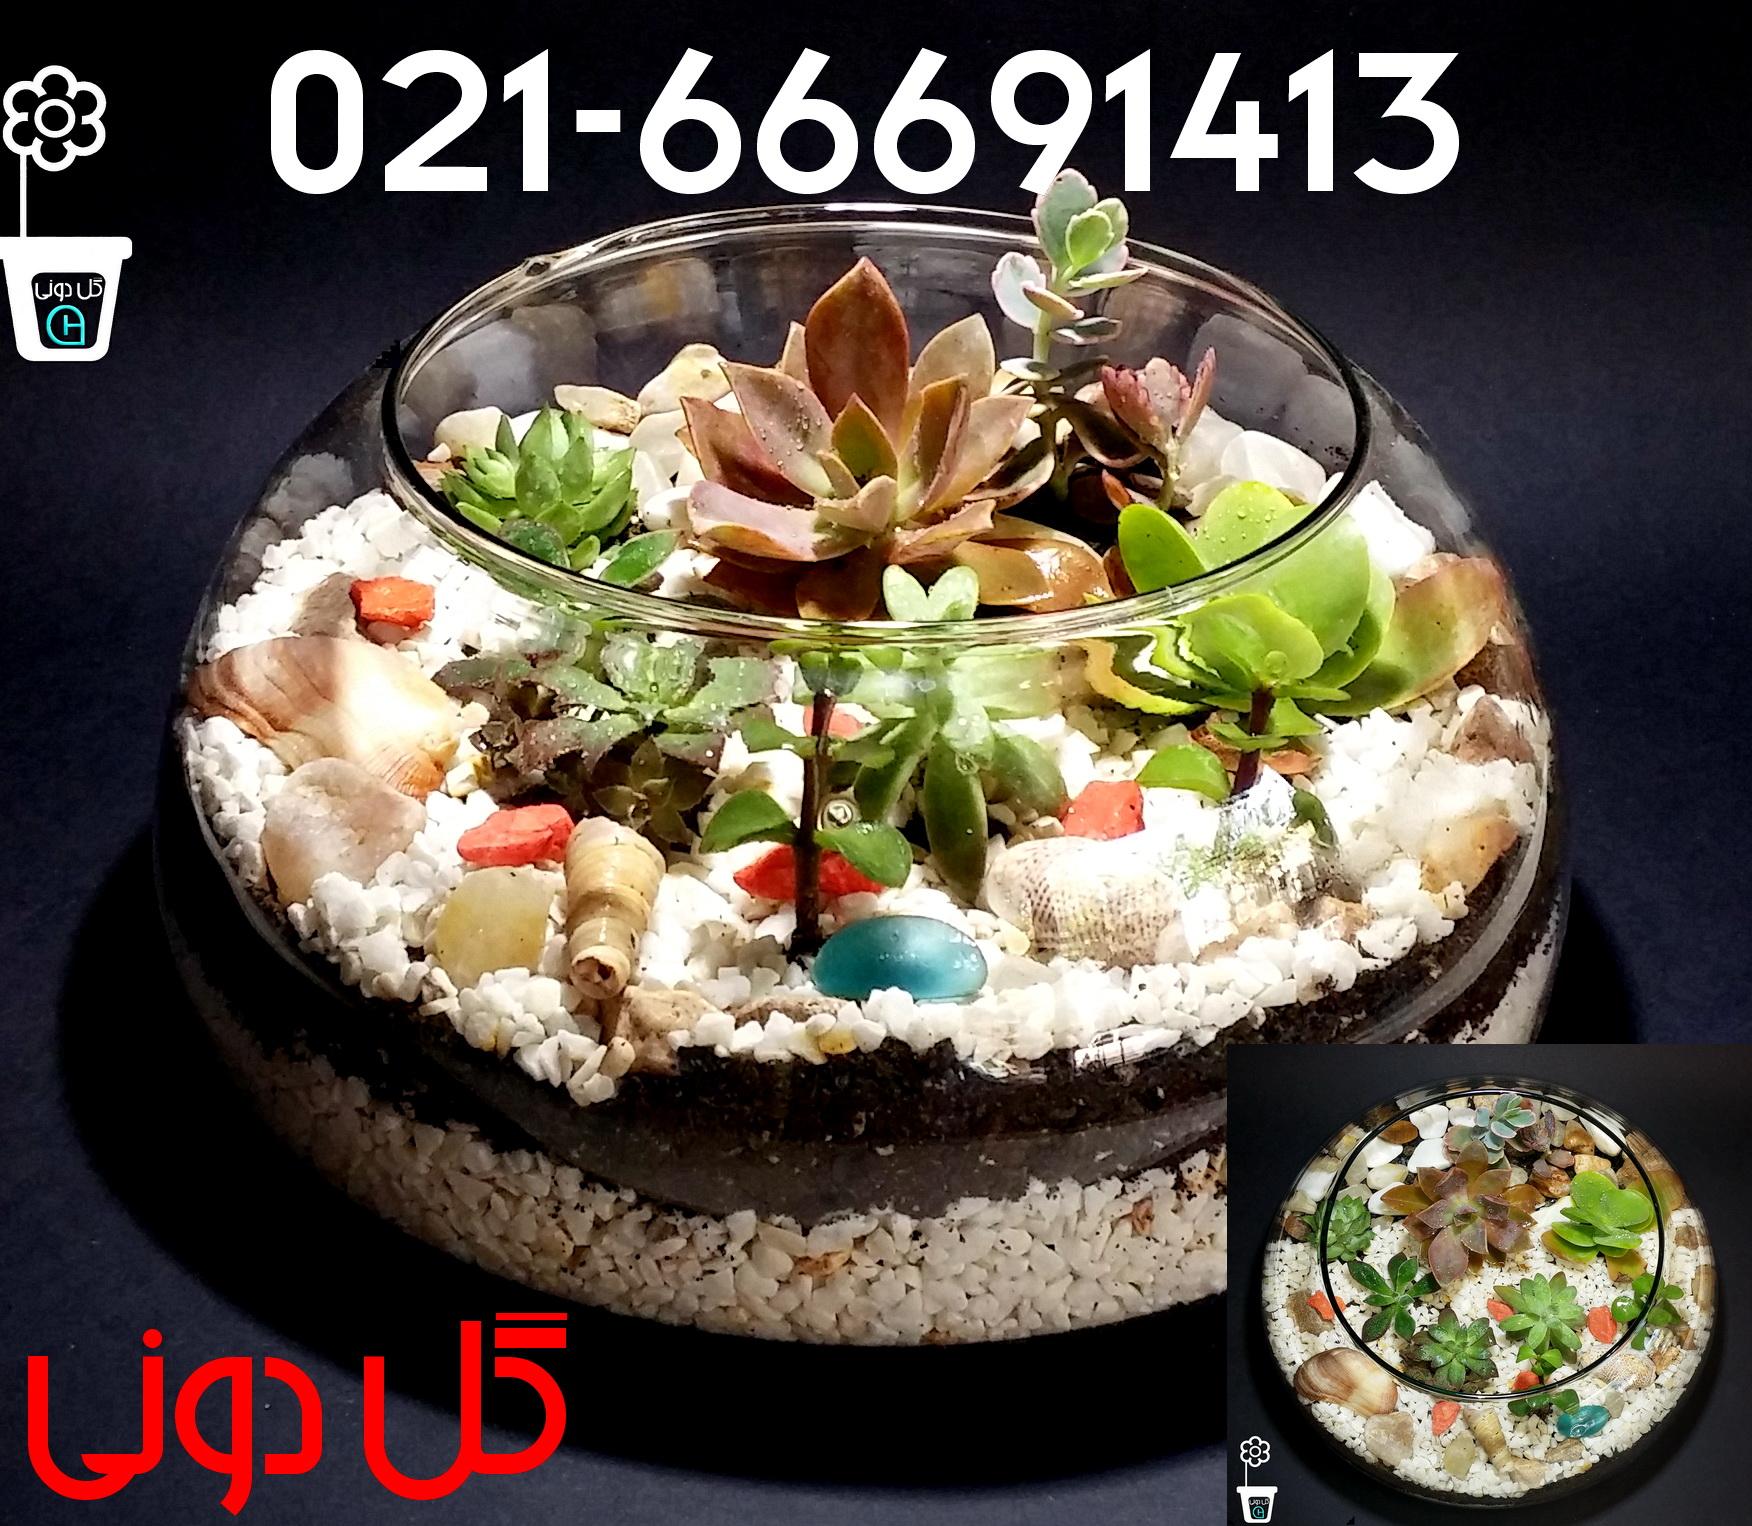 فروشگاه گل دونی 02166691413 - فروش ساکولنتتراریوم ، فروشگاه گل دونی ، کاکتوس، فروش ساکولنت،تزیئنات گیاهی